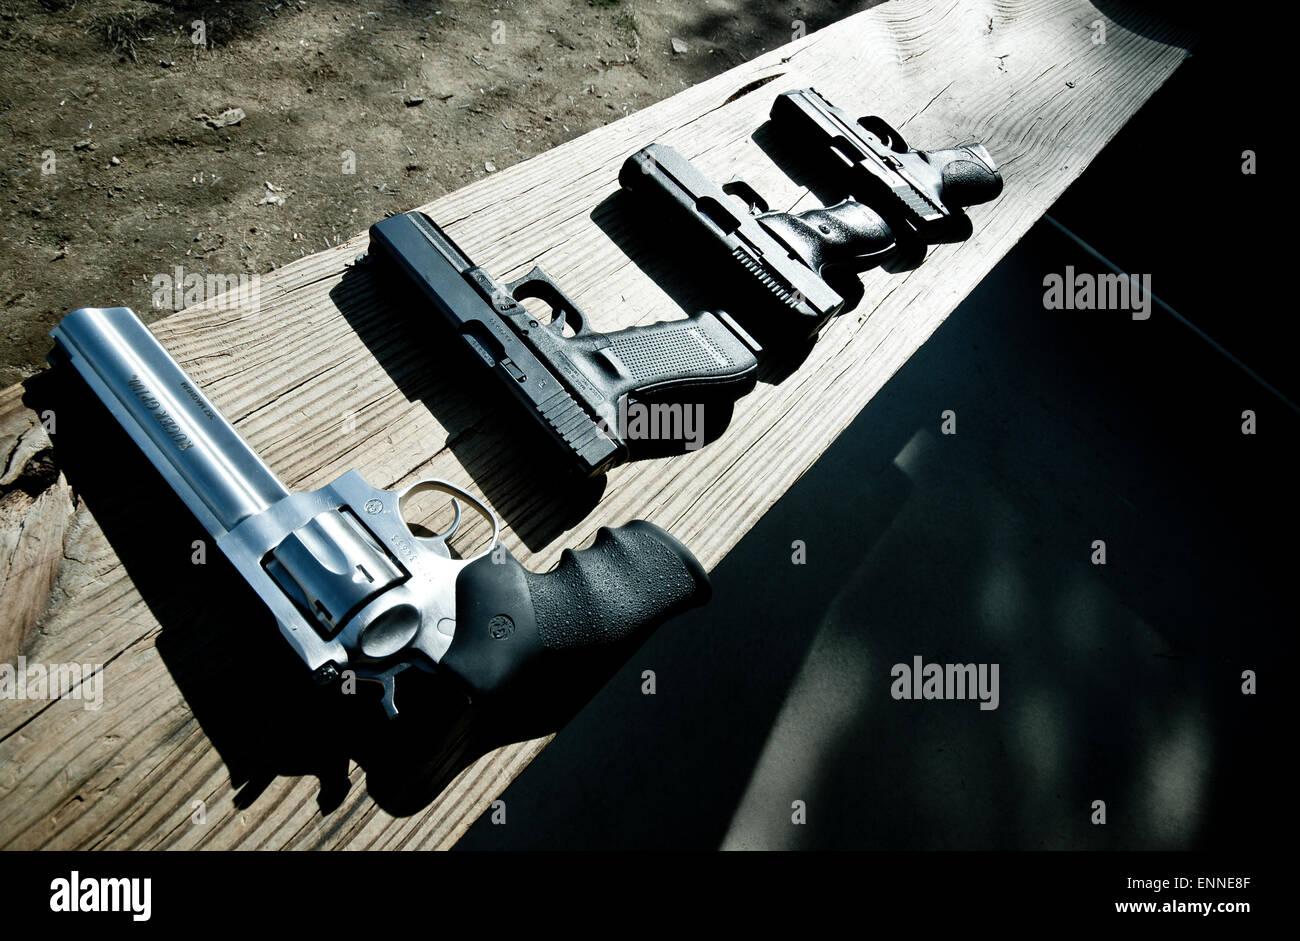 Pistole a poligono. Immagini Stock